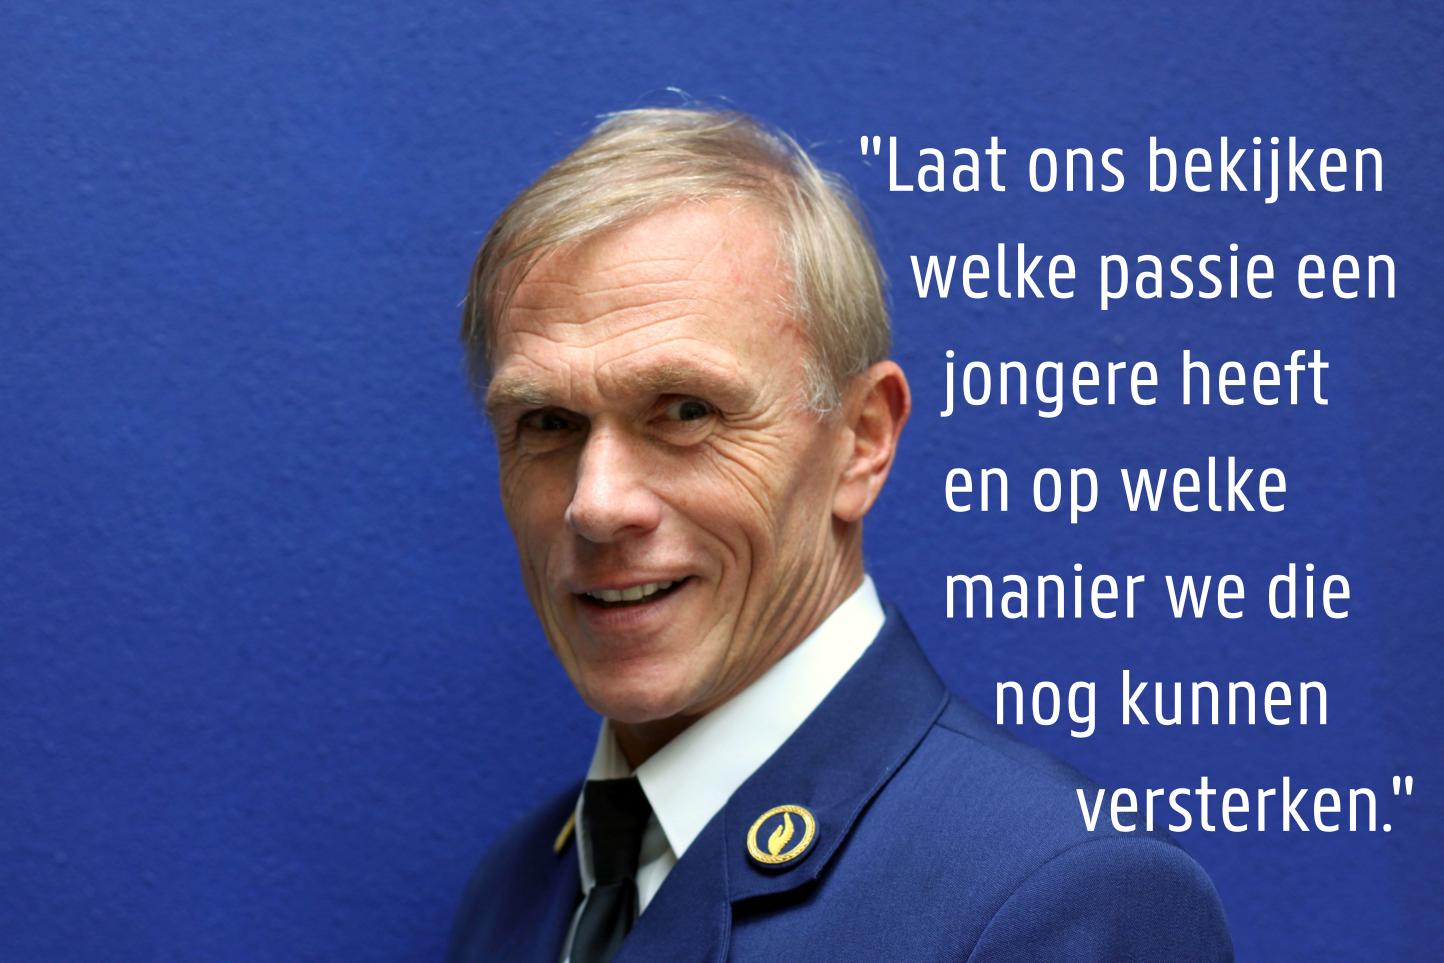 Steven De Smet, Hoofdcommissaris Politie Gent, Strategisch adviseur veiligheid en (digitale) (crisis) communicatie